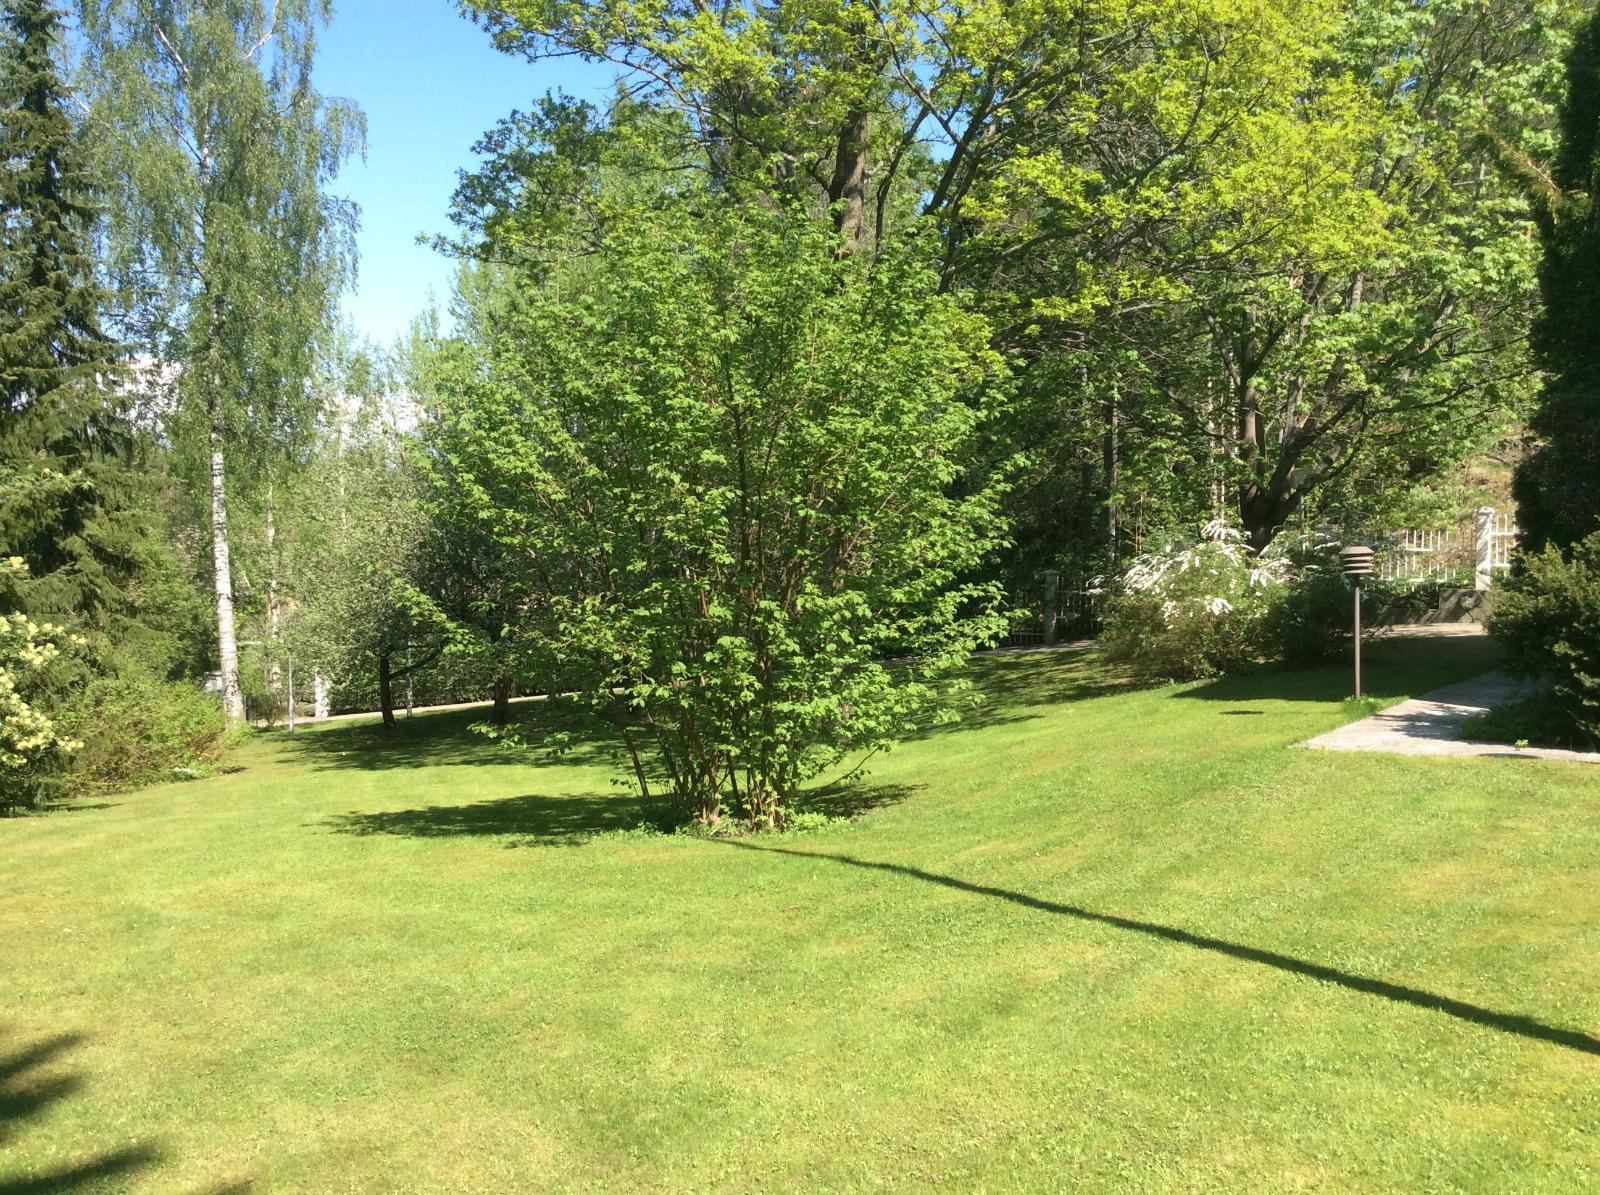 Kaunis hoidettu puutarhapiha